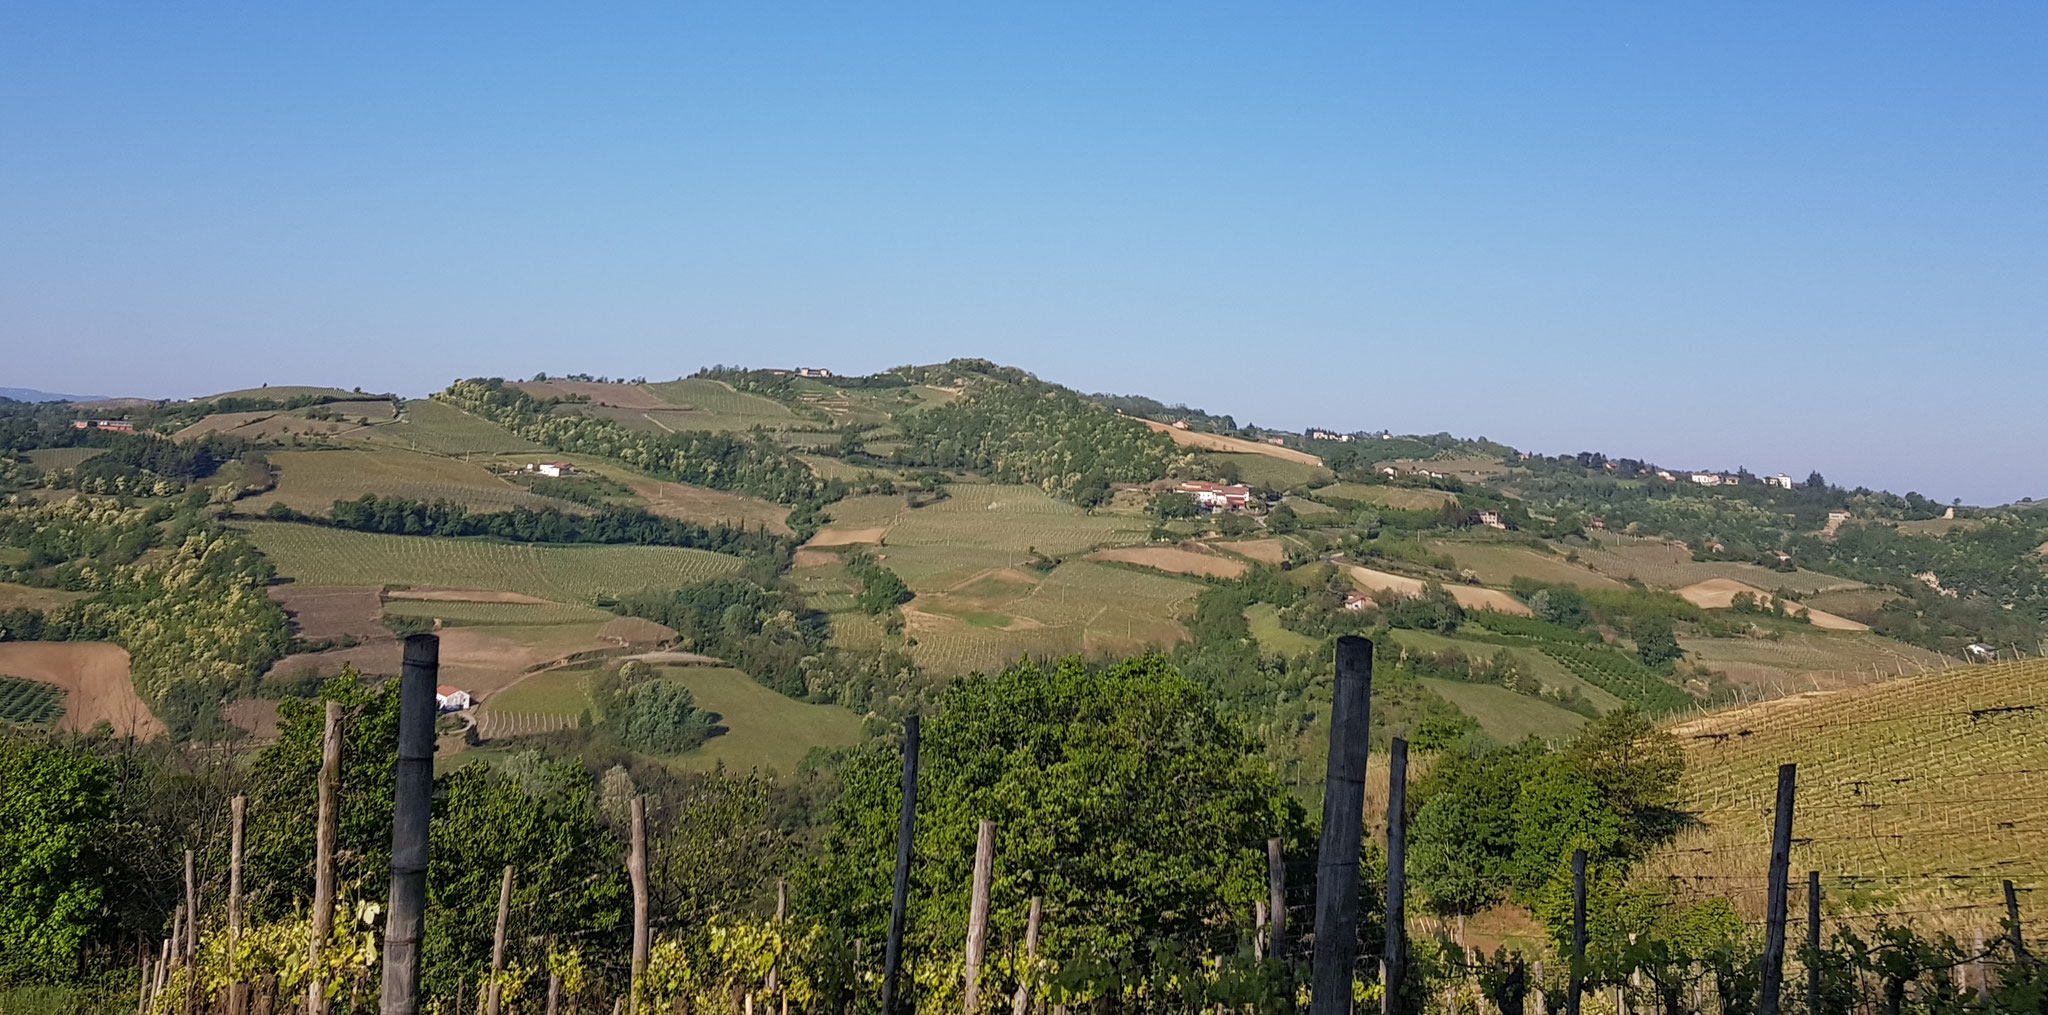 Der Hügel von Montabone. Das war während der Ausgangssperre ein verbotener Ausflug.